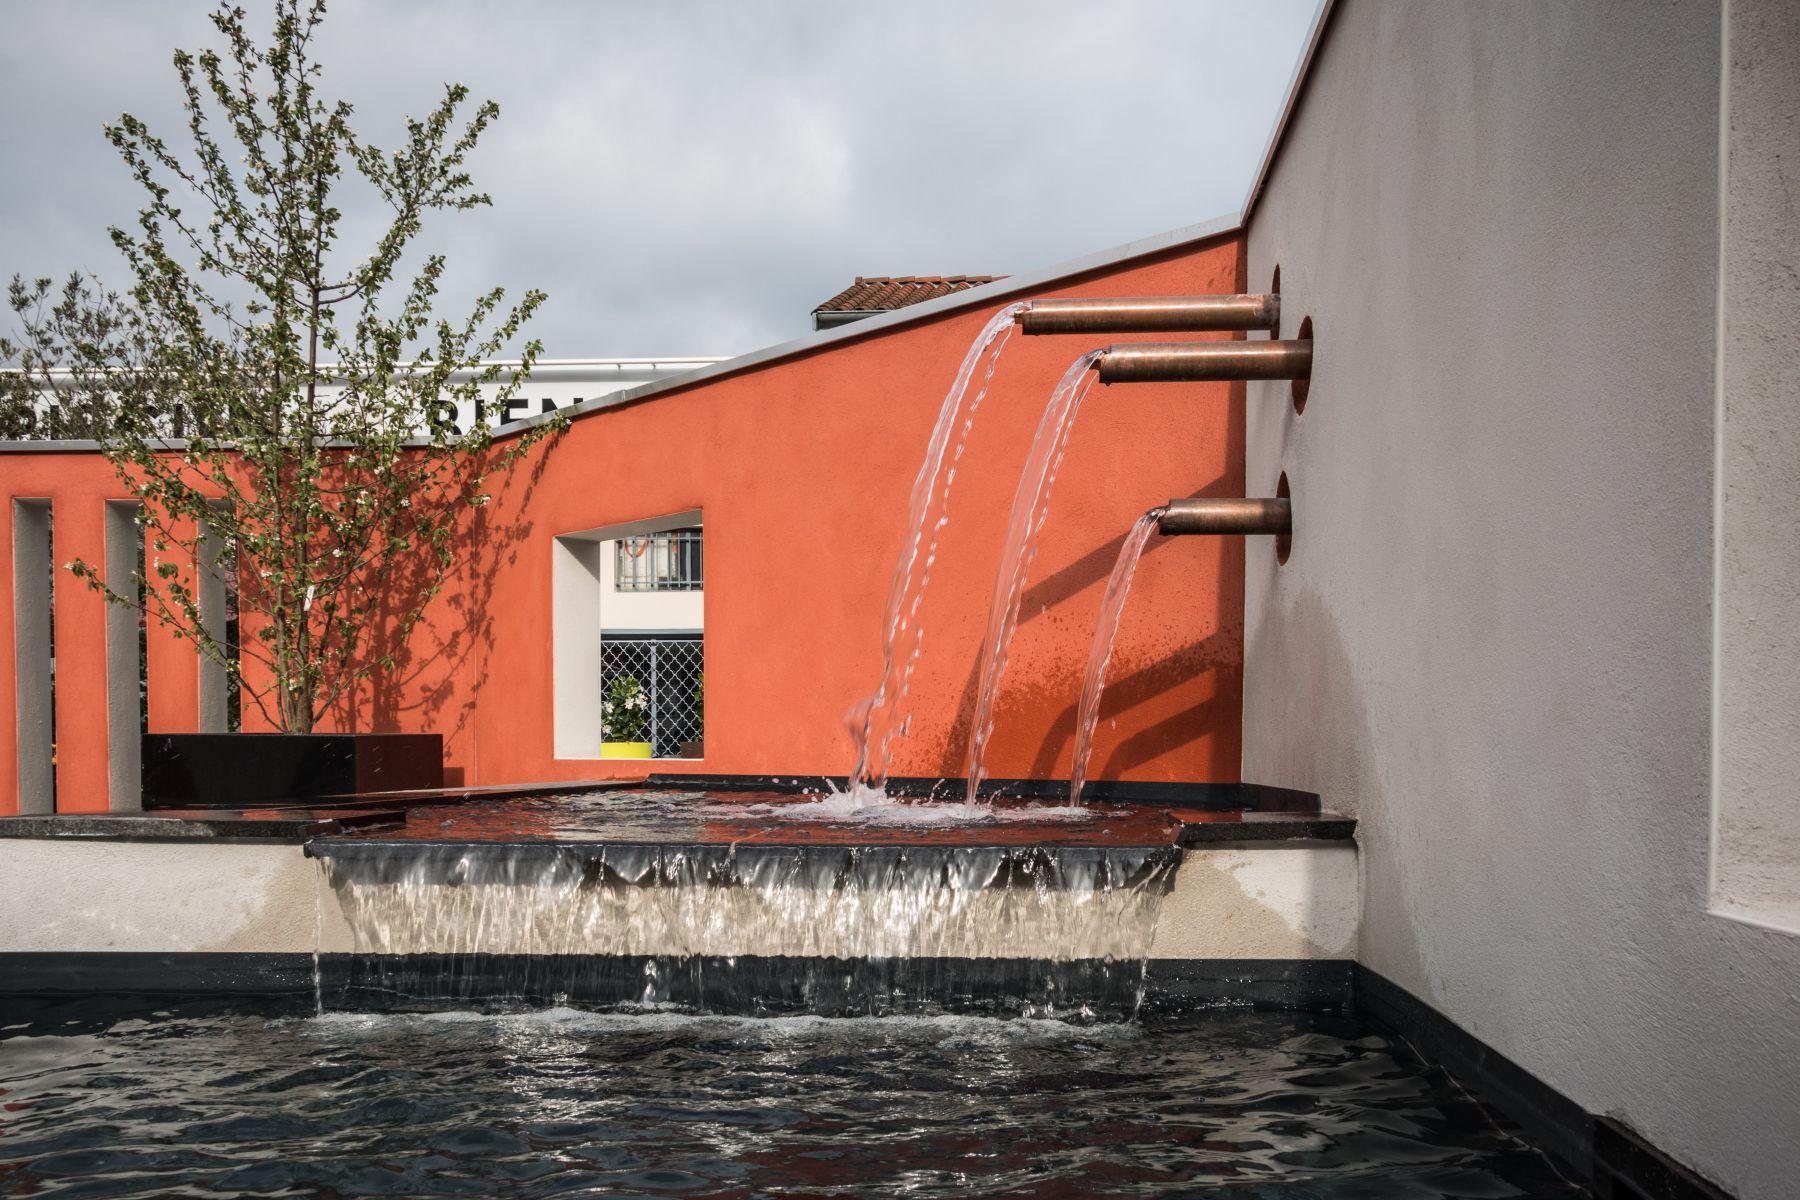 Cr ation de petit bassin et fontaine dans votre jardin - Comment creer une fontaine de jardin ...